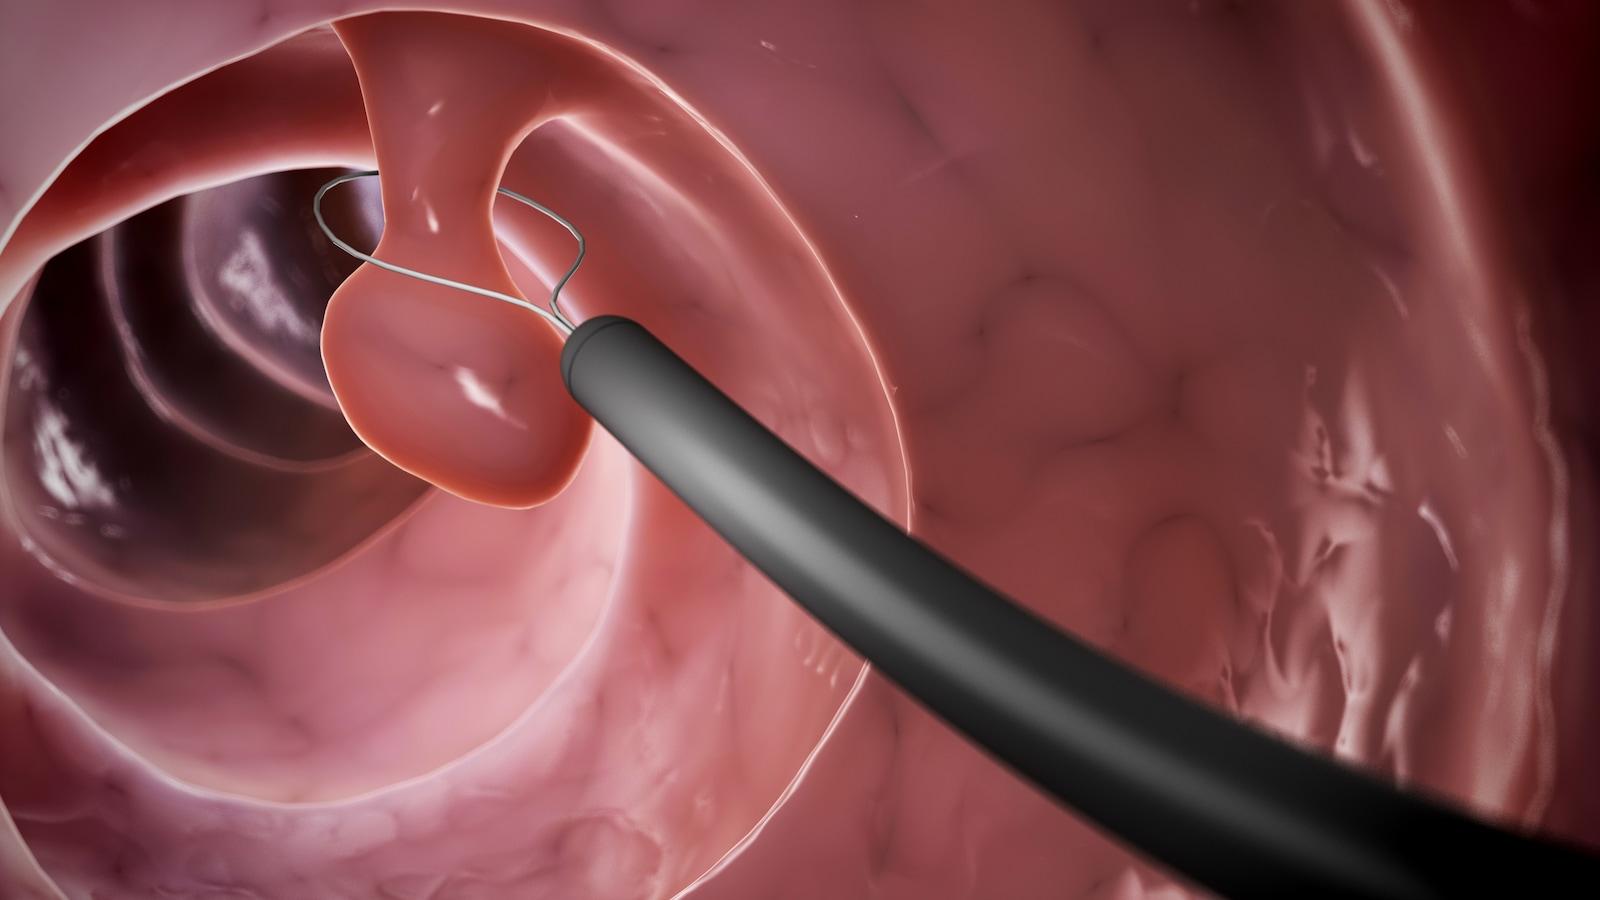 Cette infographie montre un polype situé dans le côlon et un appareil avec une sangle permettant de retirer le polype.